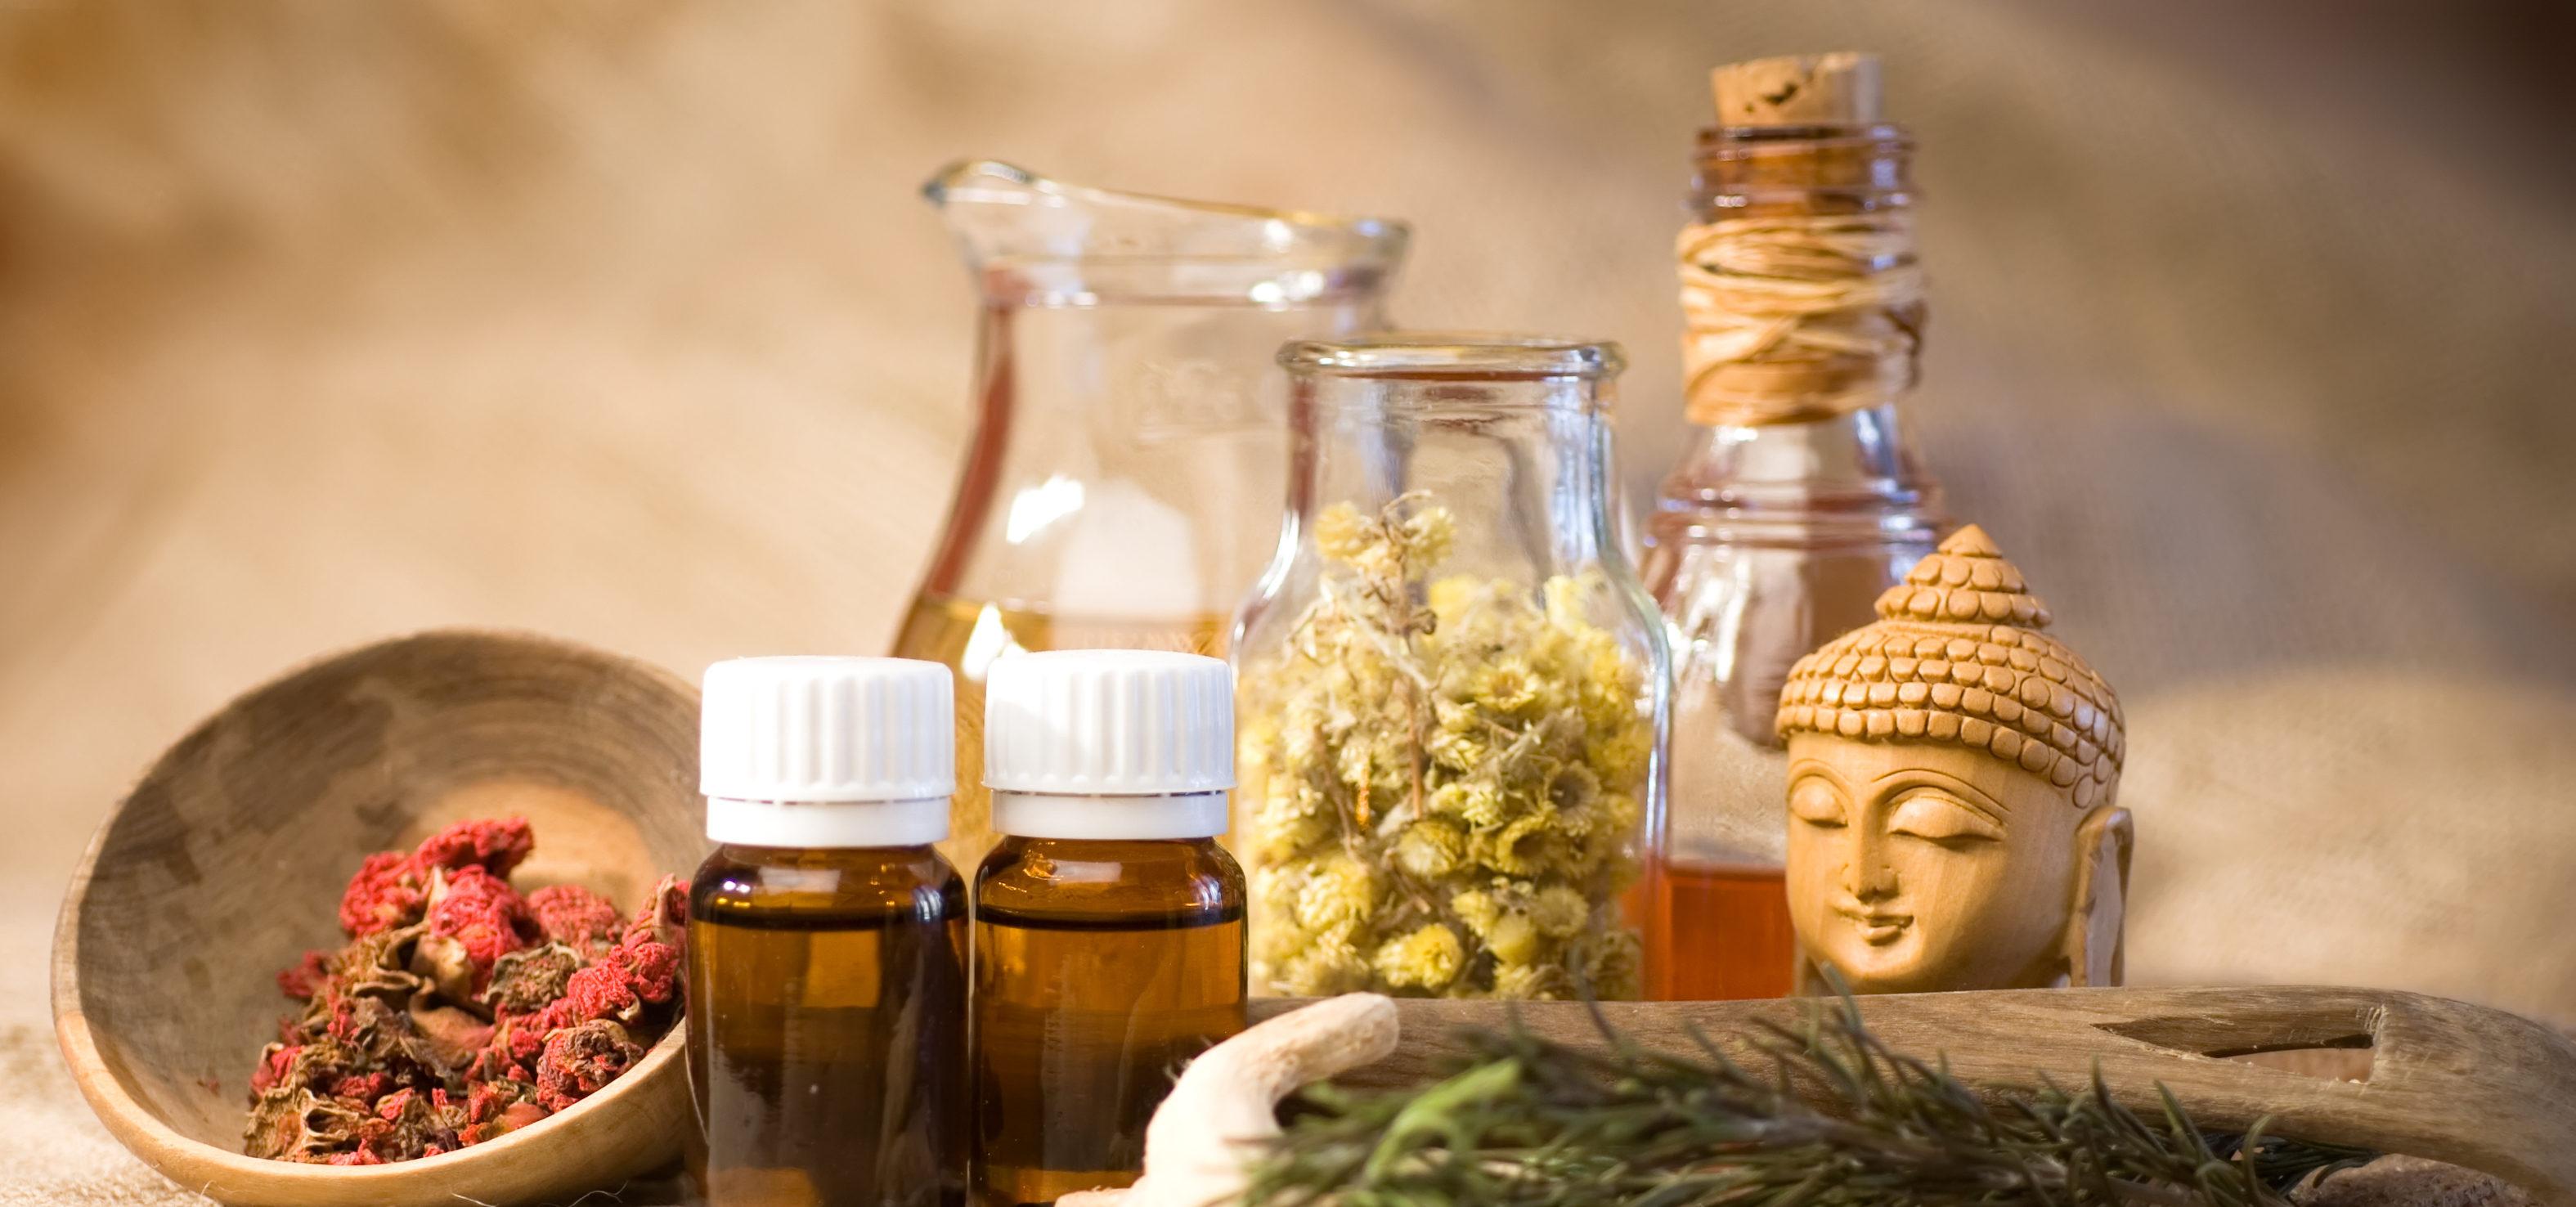 Resultado de imagem para dores e terapia floral